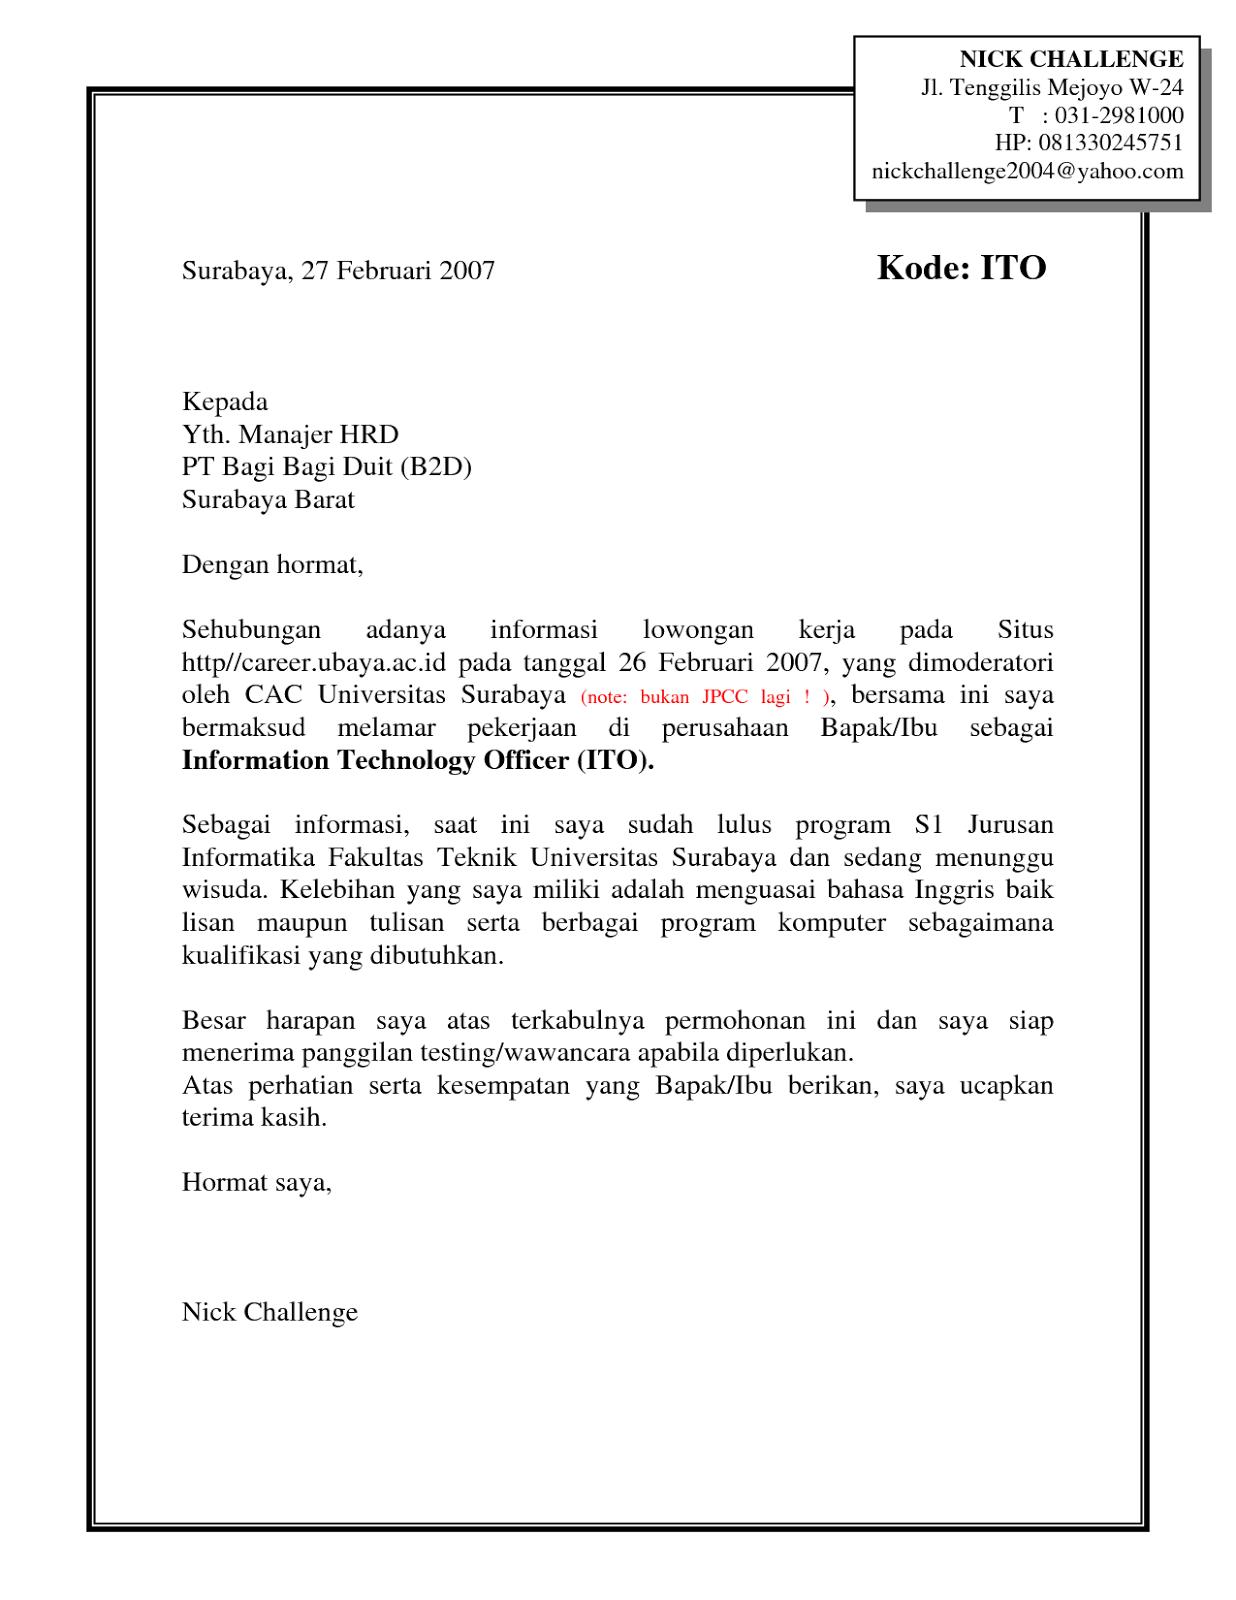 Contoh Surat Lamaran Kerja PDF ben jobs Contoh Lamaran